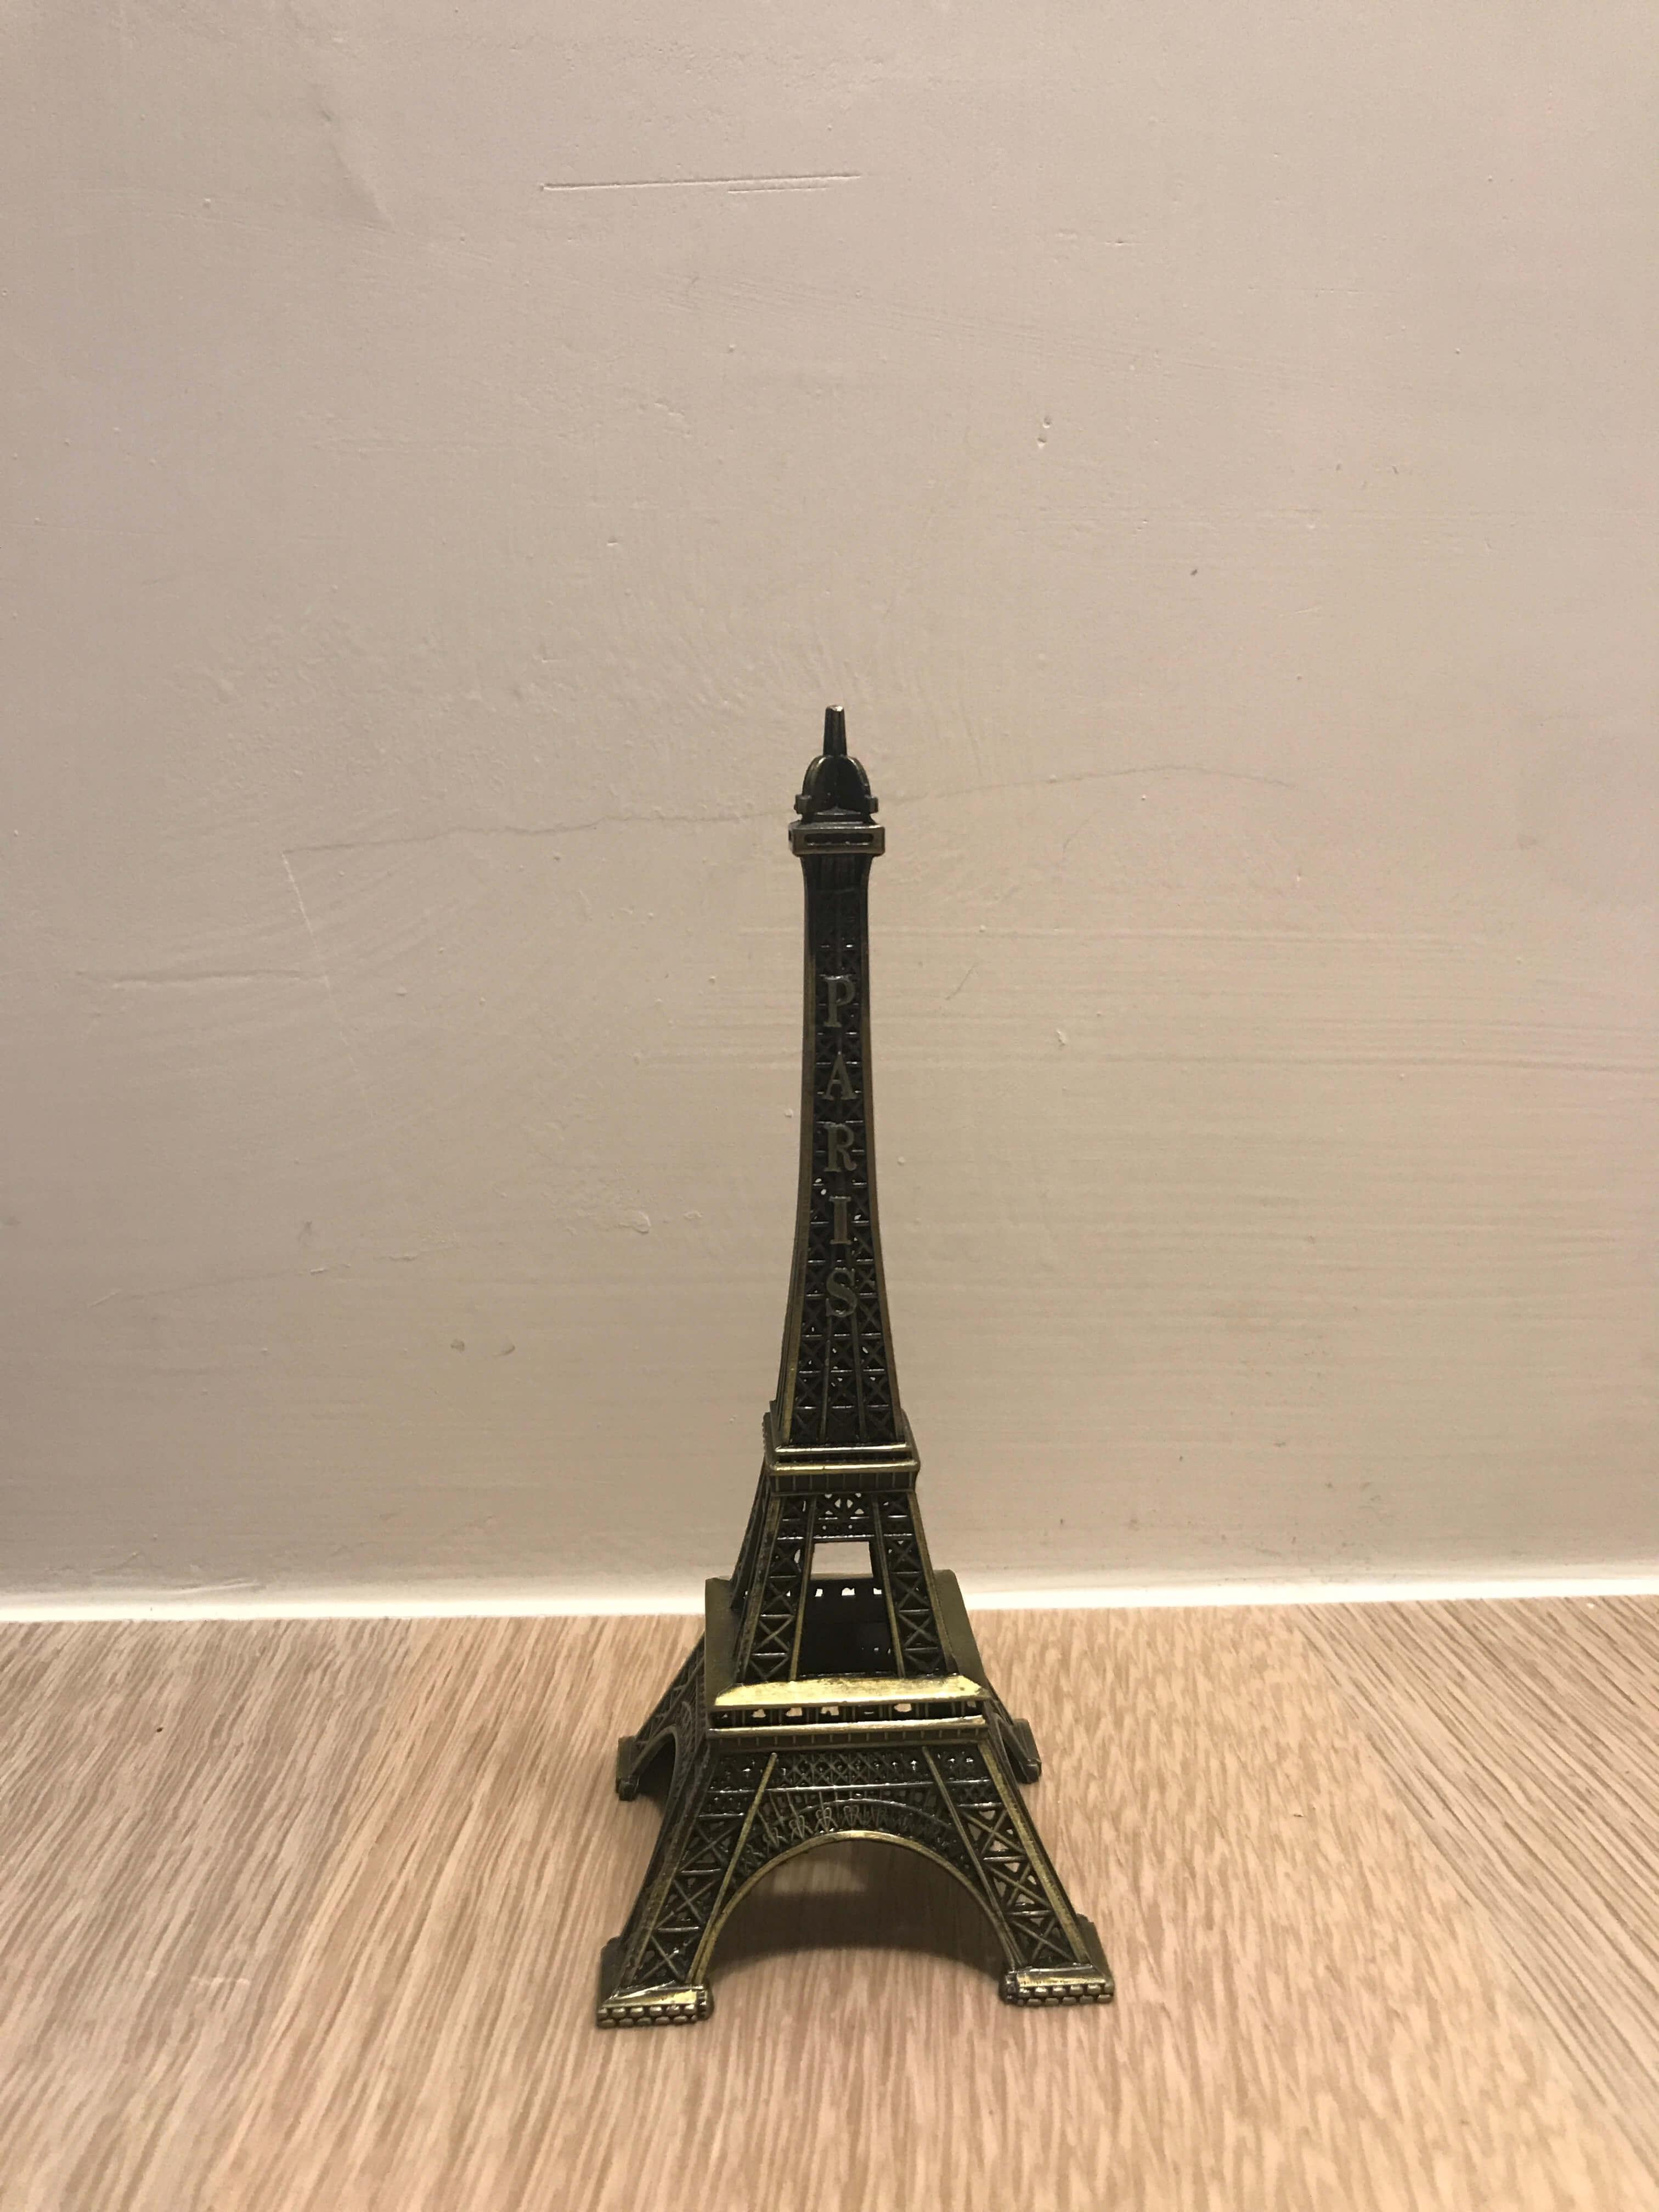 法國巴黎伴手禮—巴黎鐵塔模型 by 倍包客